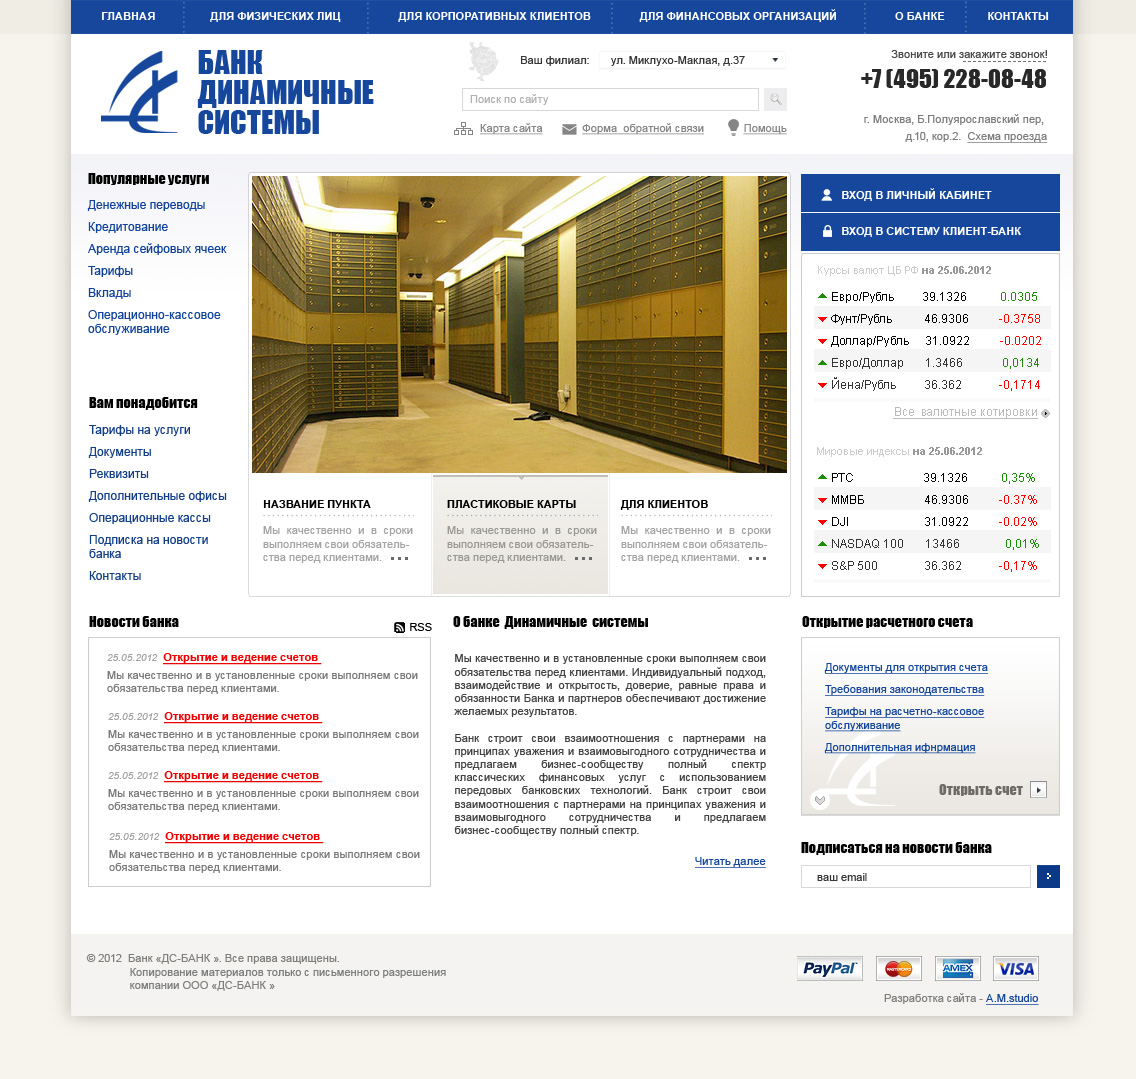 Верстка сайта банка.